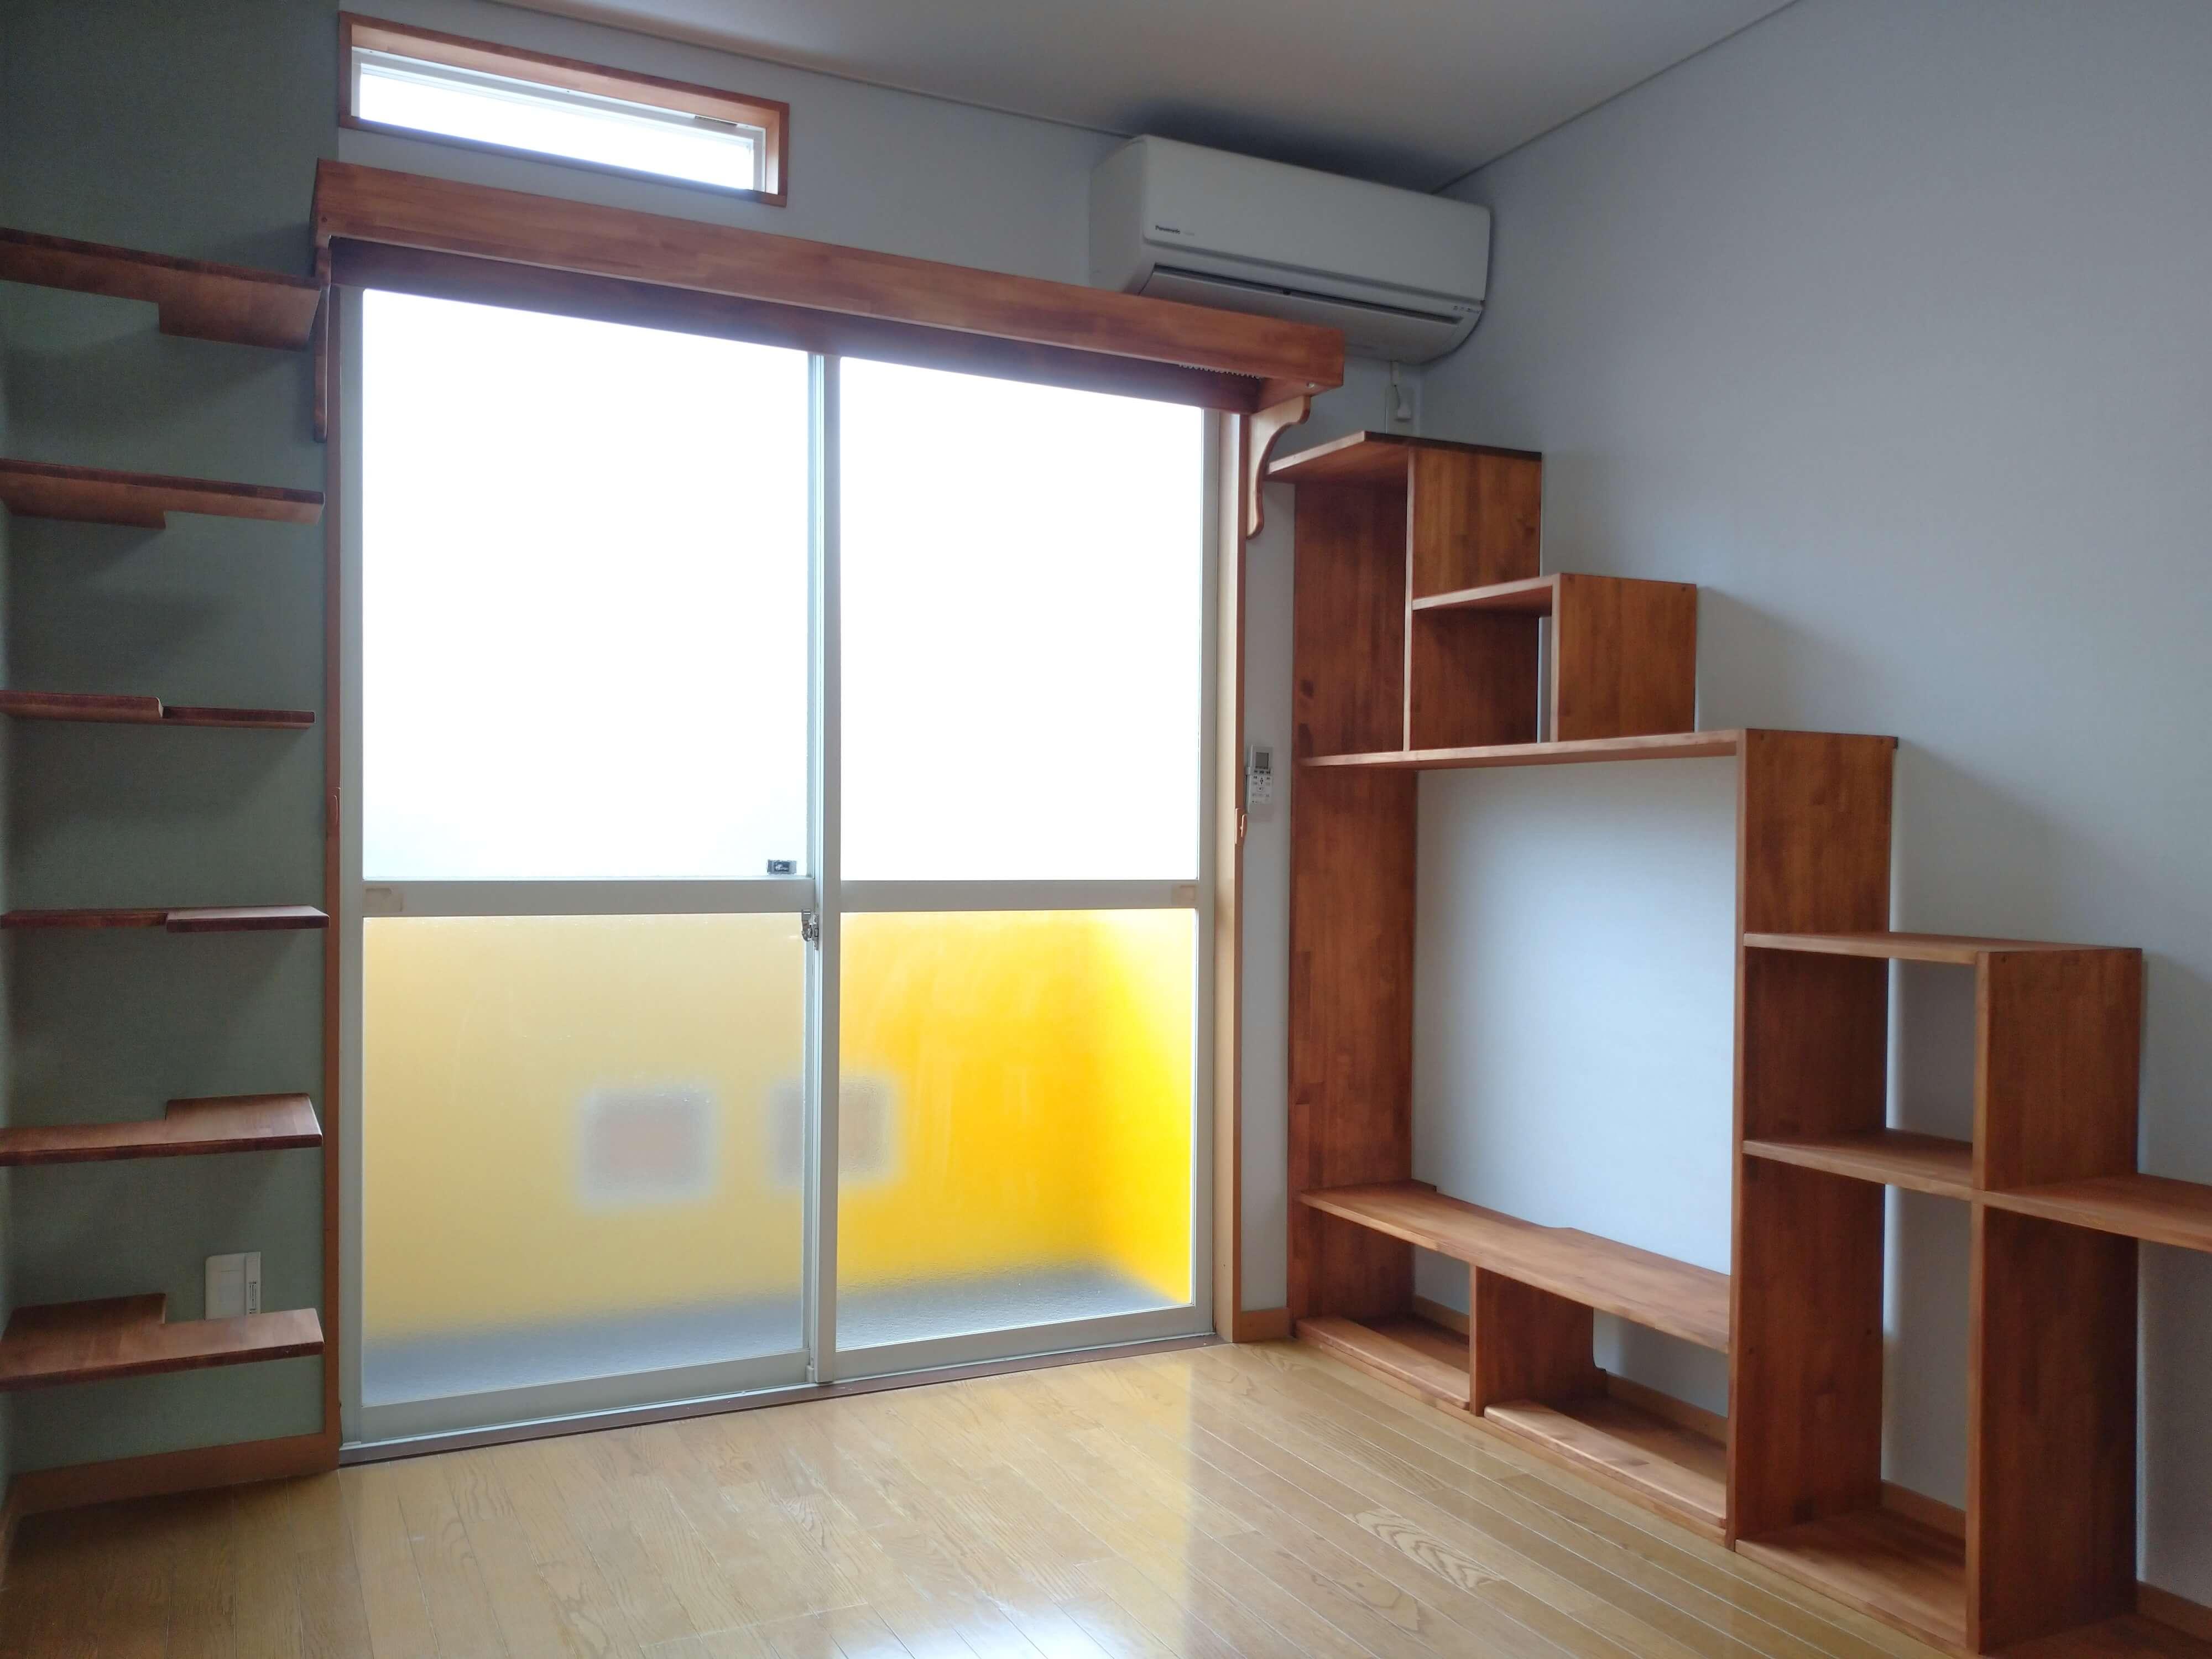 ★102号室の画像です。 101号室とは猫さん家具が反転。